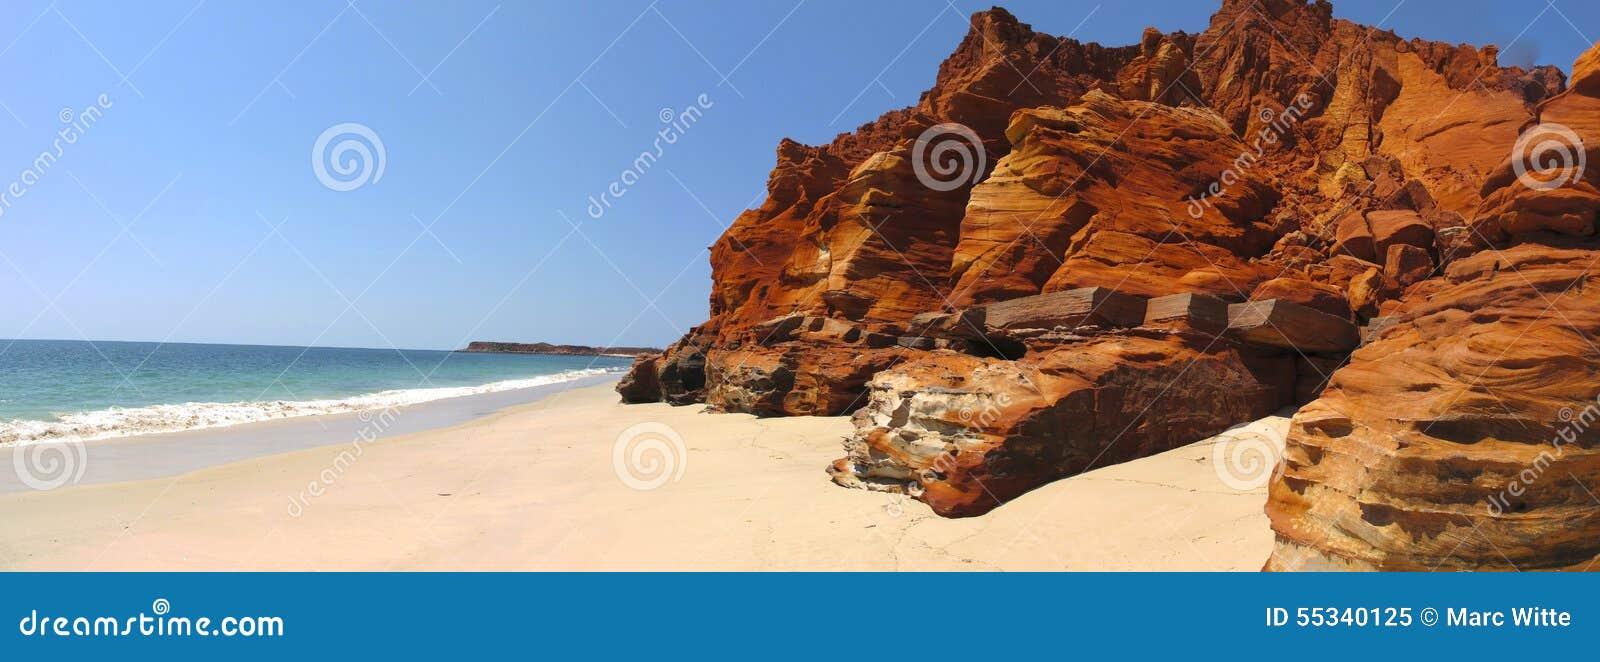 Cap Leveque près de Broome, Australie occidentale